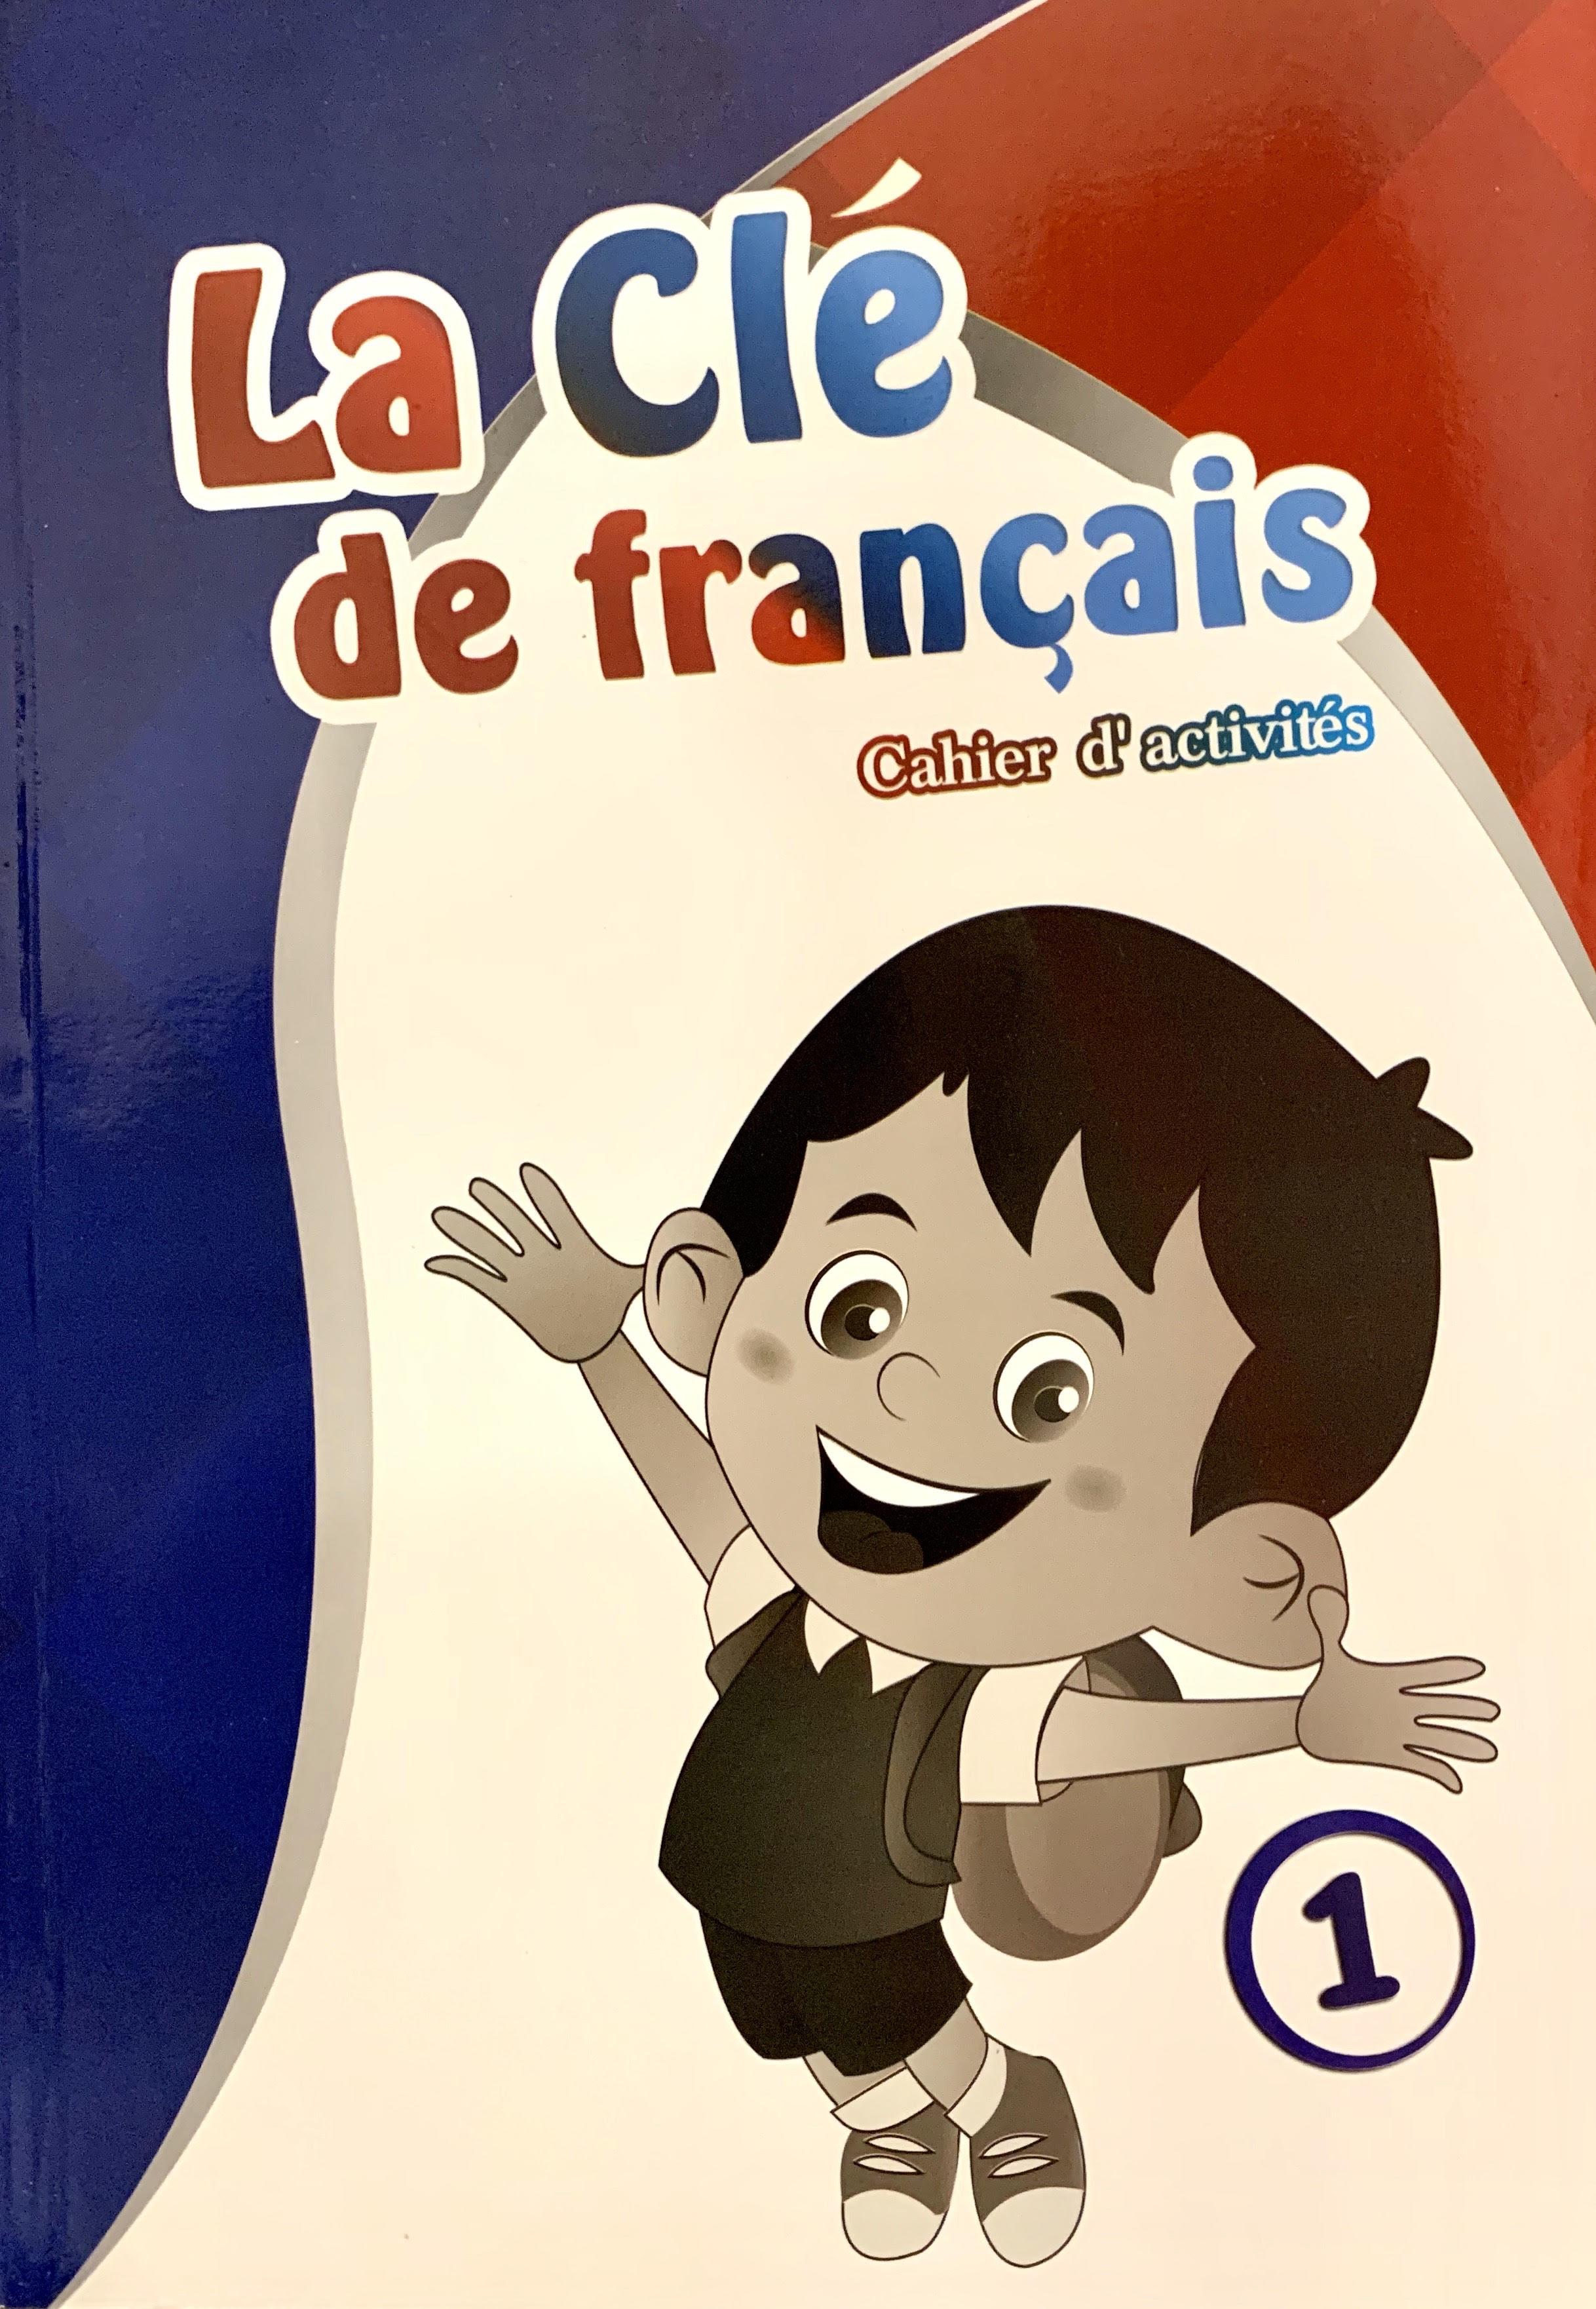 La Cle de Francais Activites 1